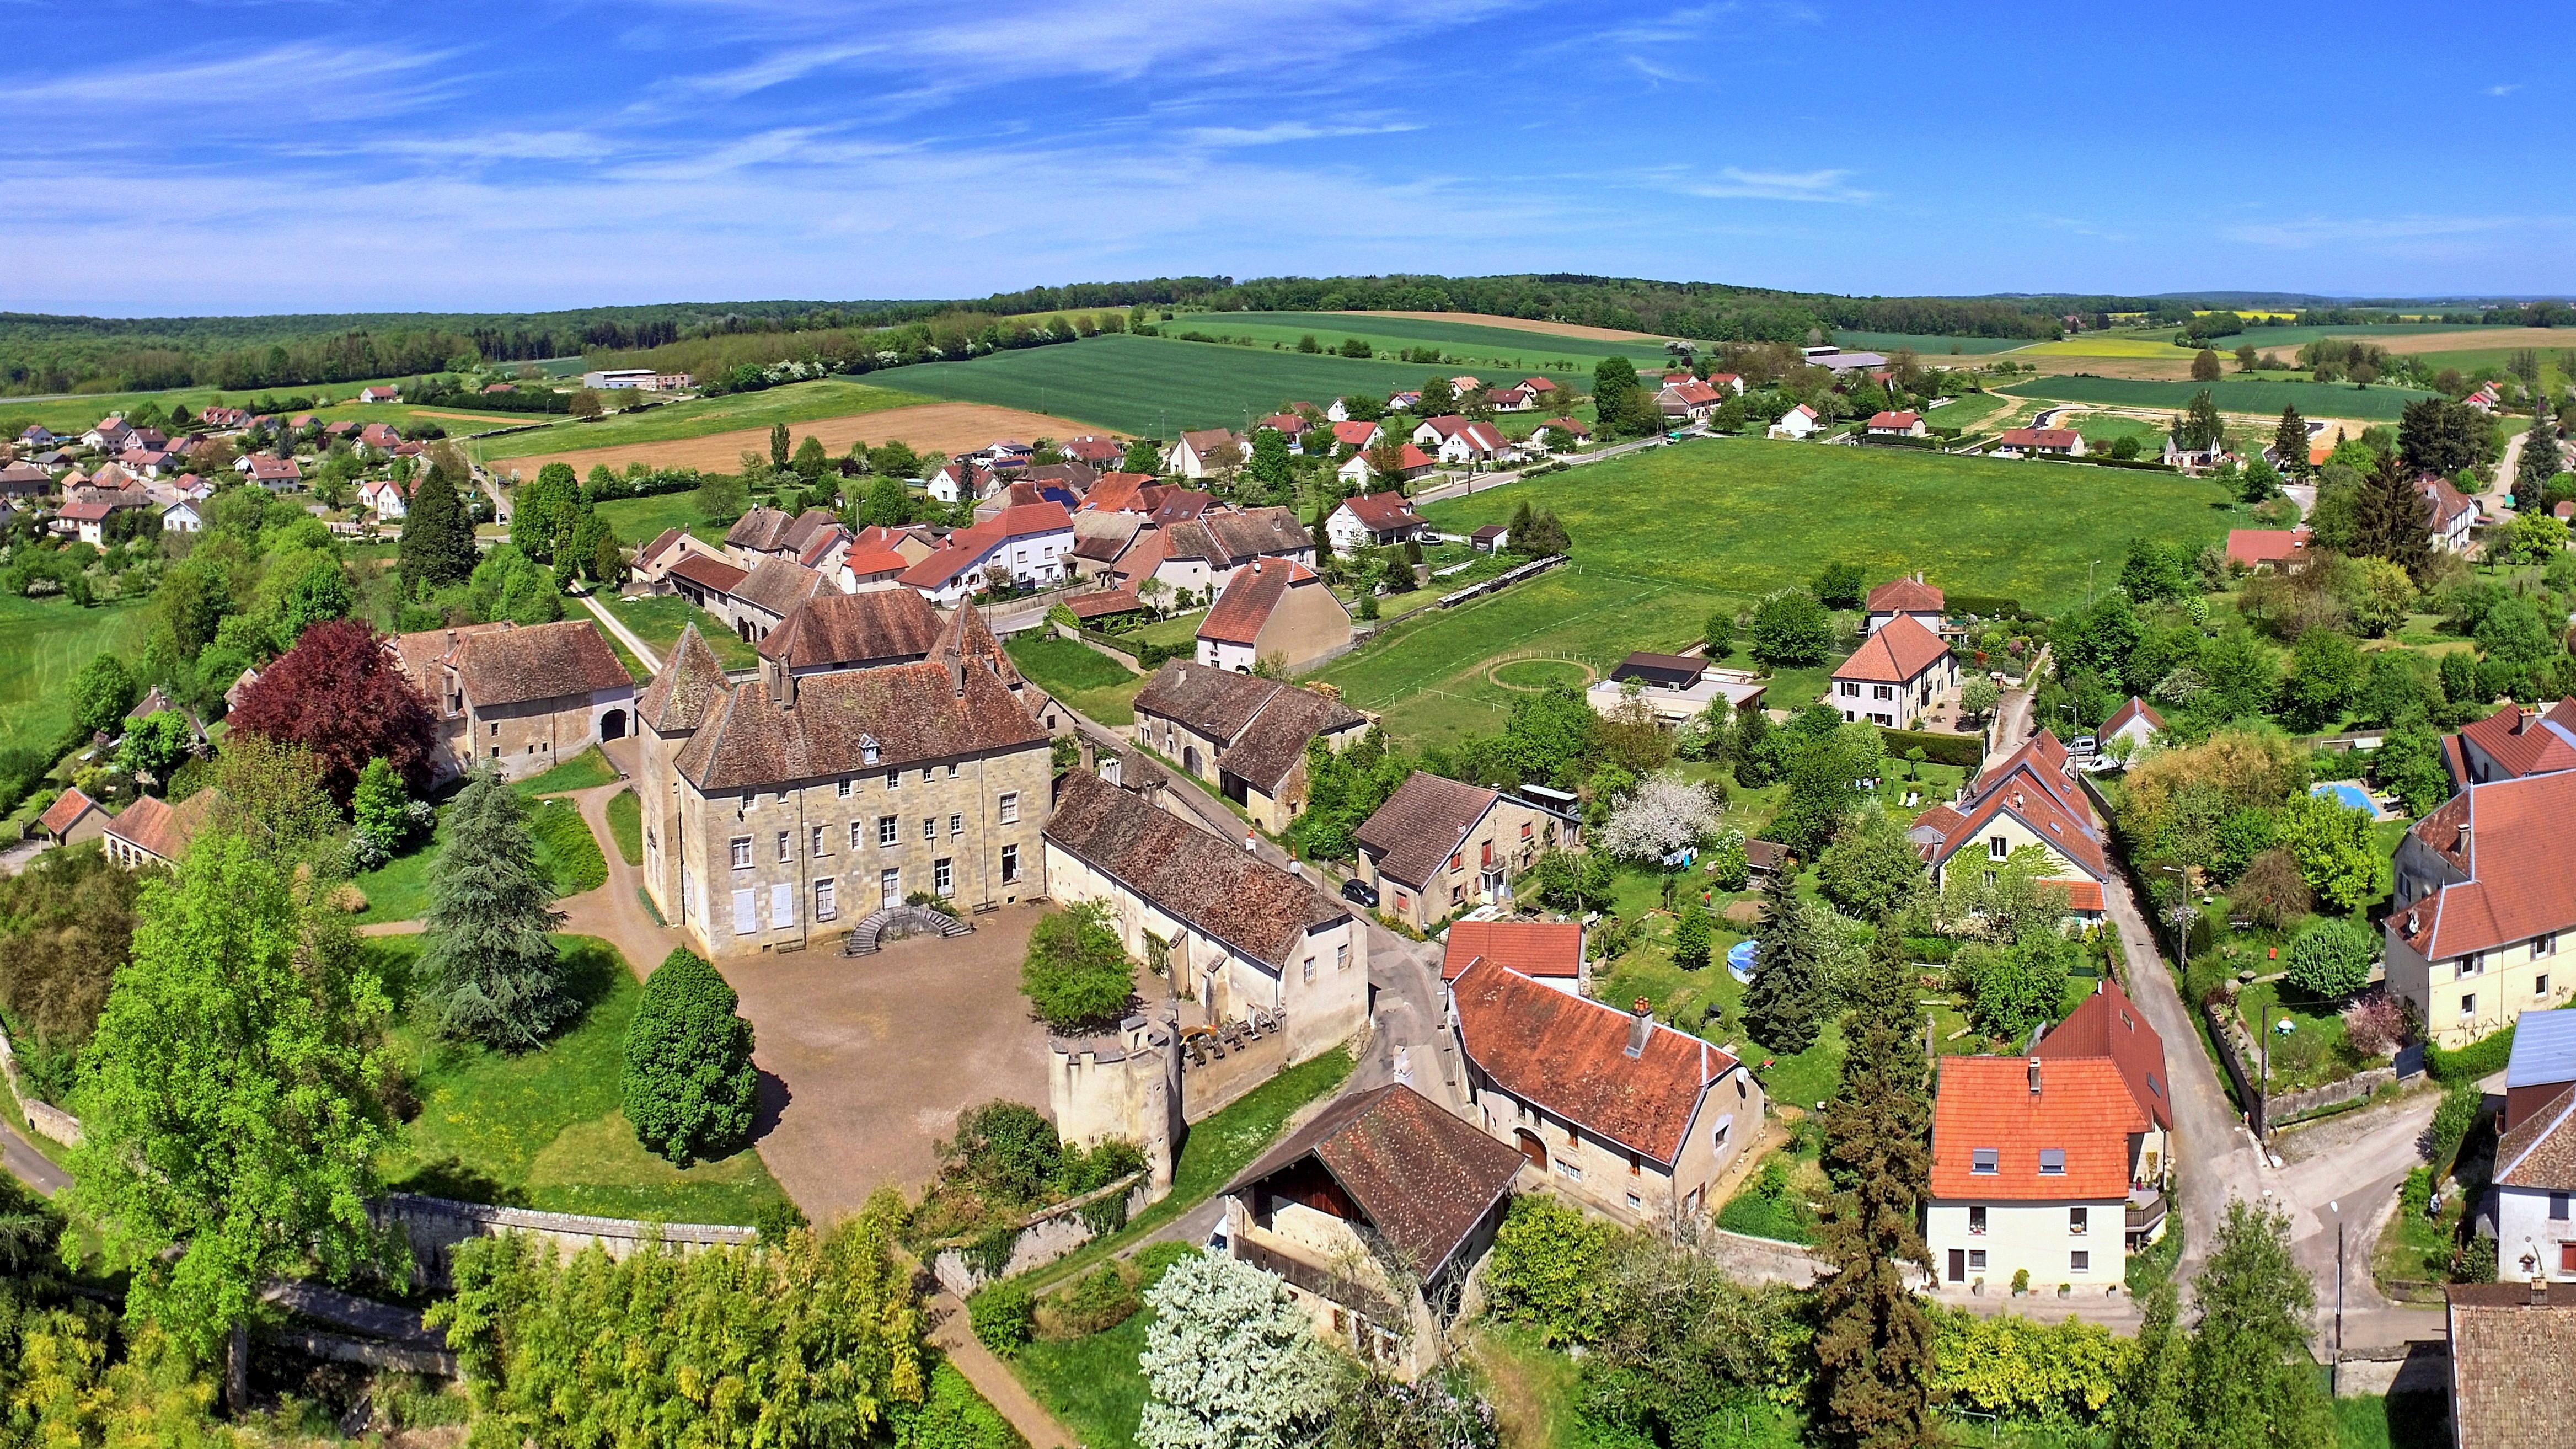 buthiers chateau village trapeze comblanchien SETP pavés haute saone monument historique FCE